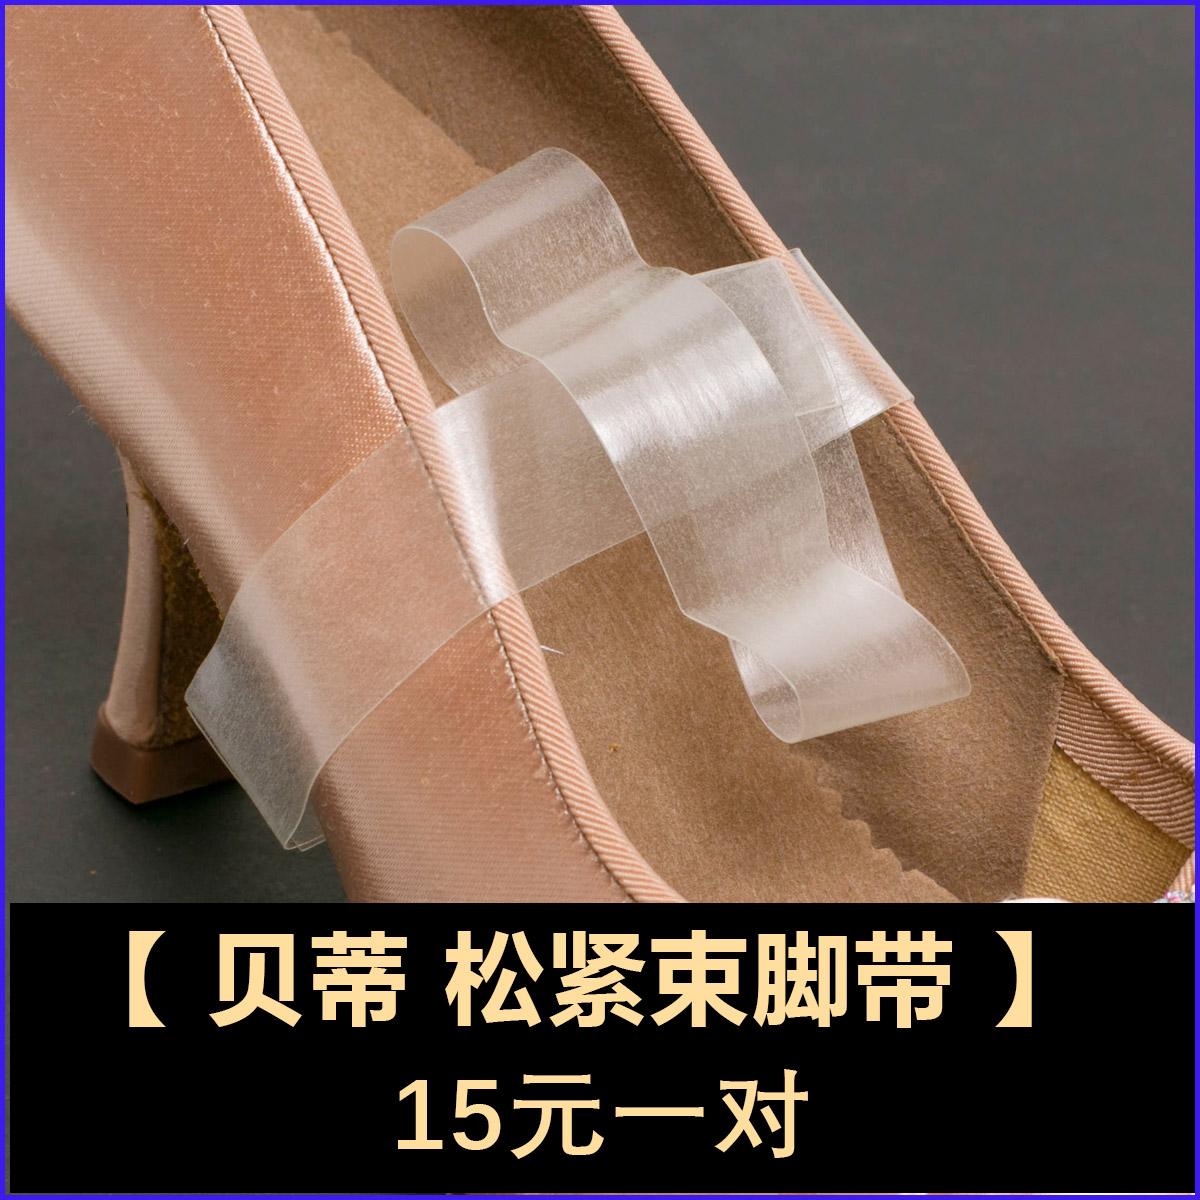 Бетти мисс современный обувь специальный прозрачный пояс пакет шнурки на высоких кабгалстук-бабочкаах хитрость укреплять резинки 1 для